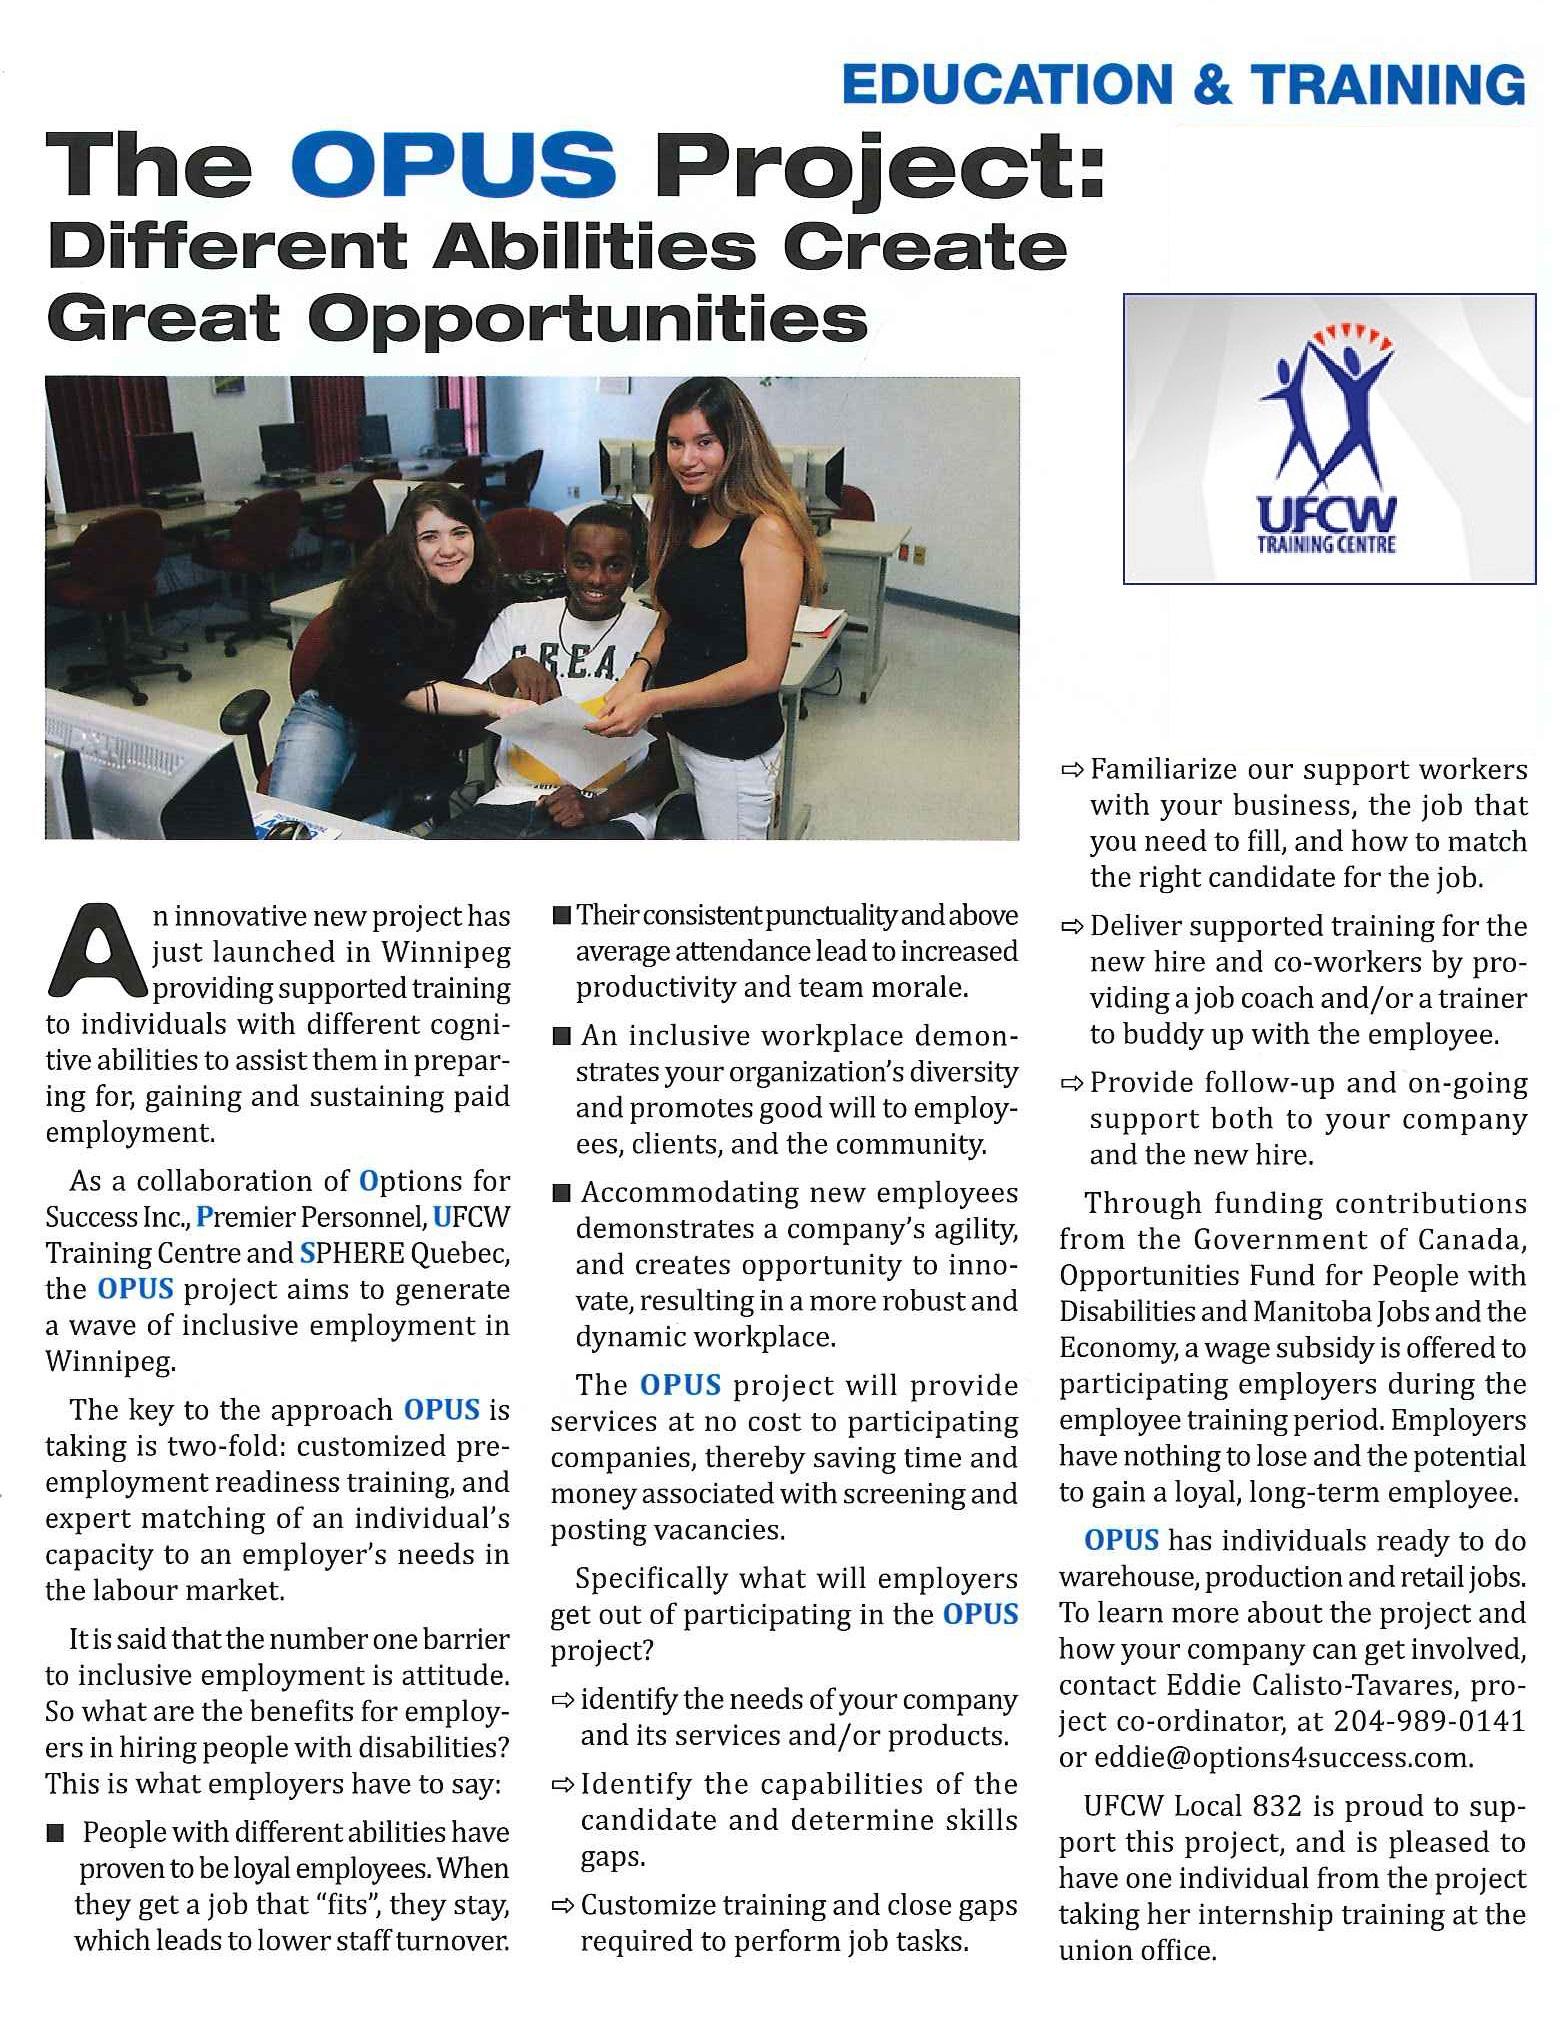 UFCW-Magazine-October-14-2014-AB